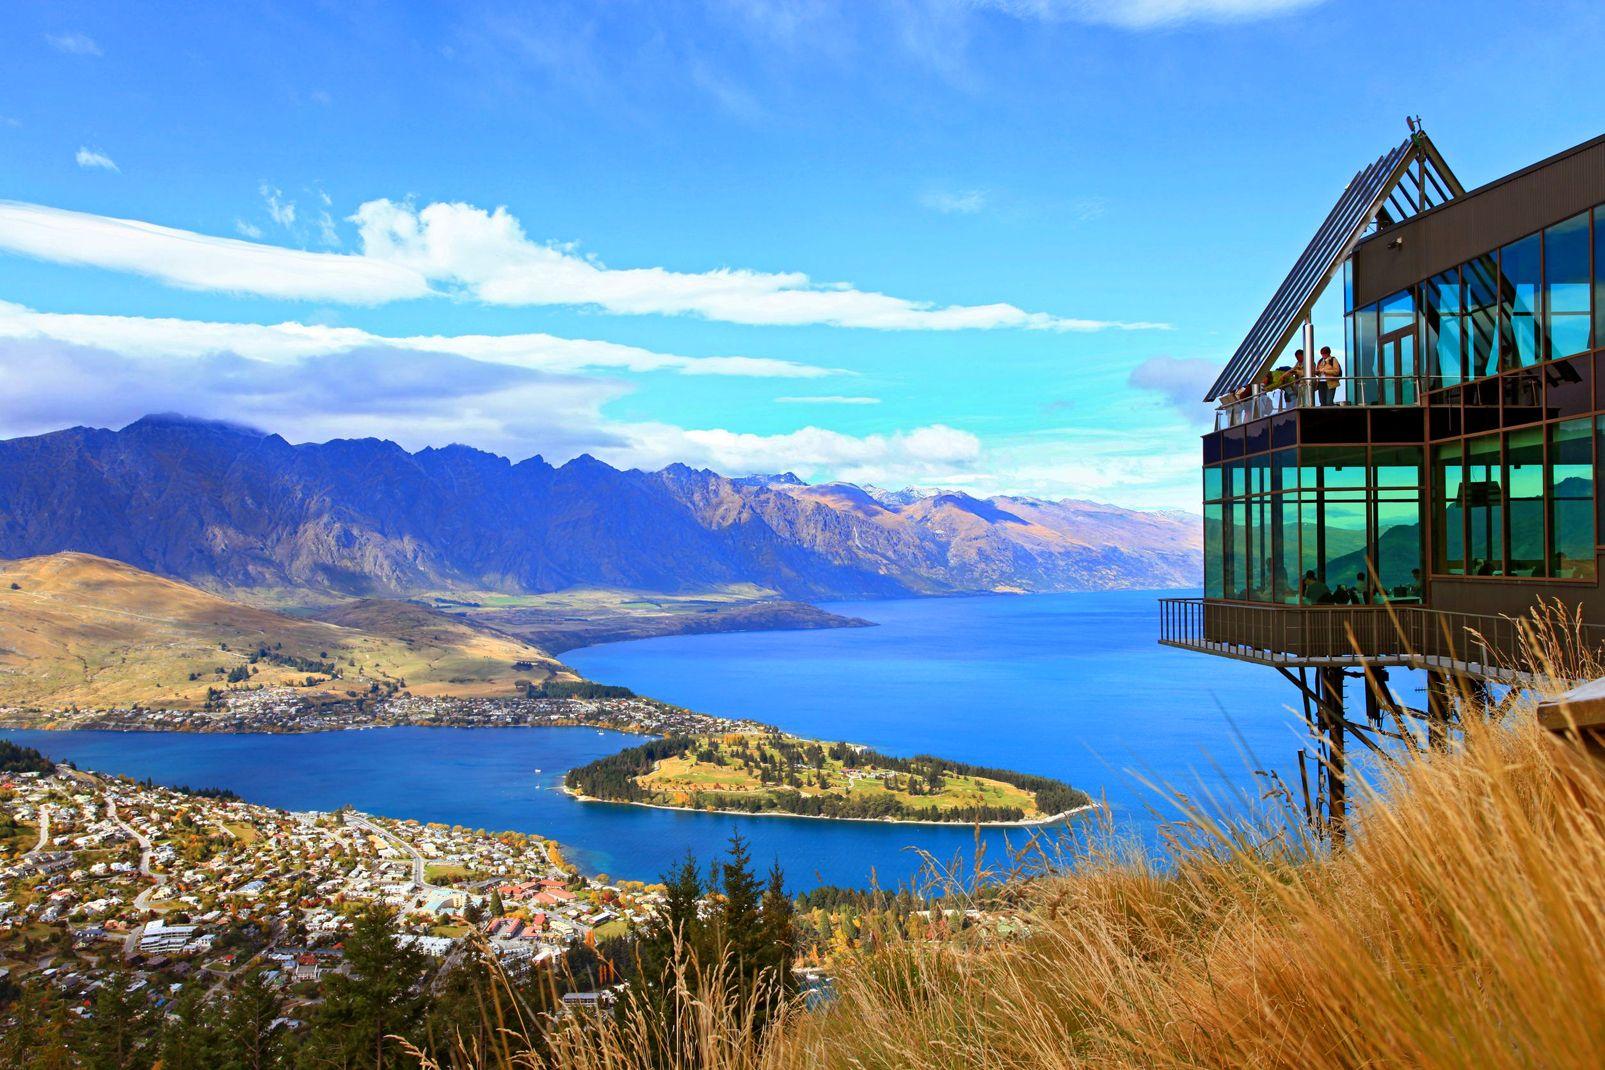 Nouvelle-Zélande, Le lac Wakatipu, Queenstown